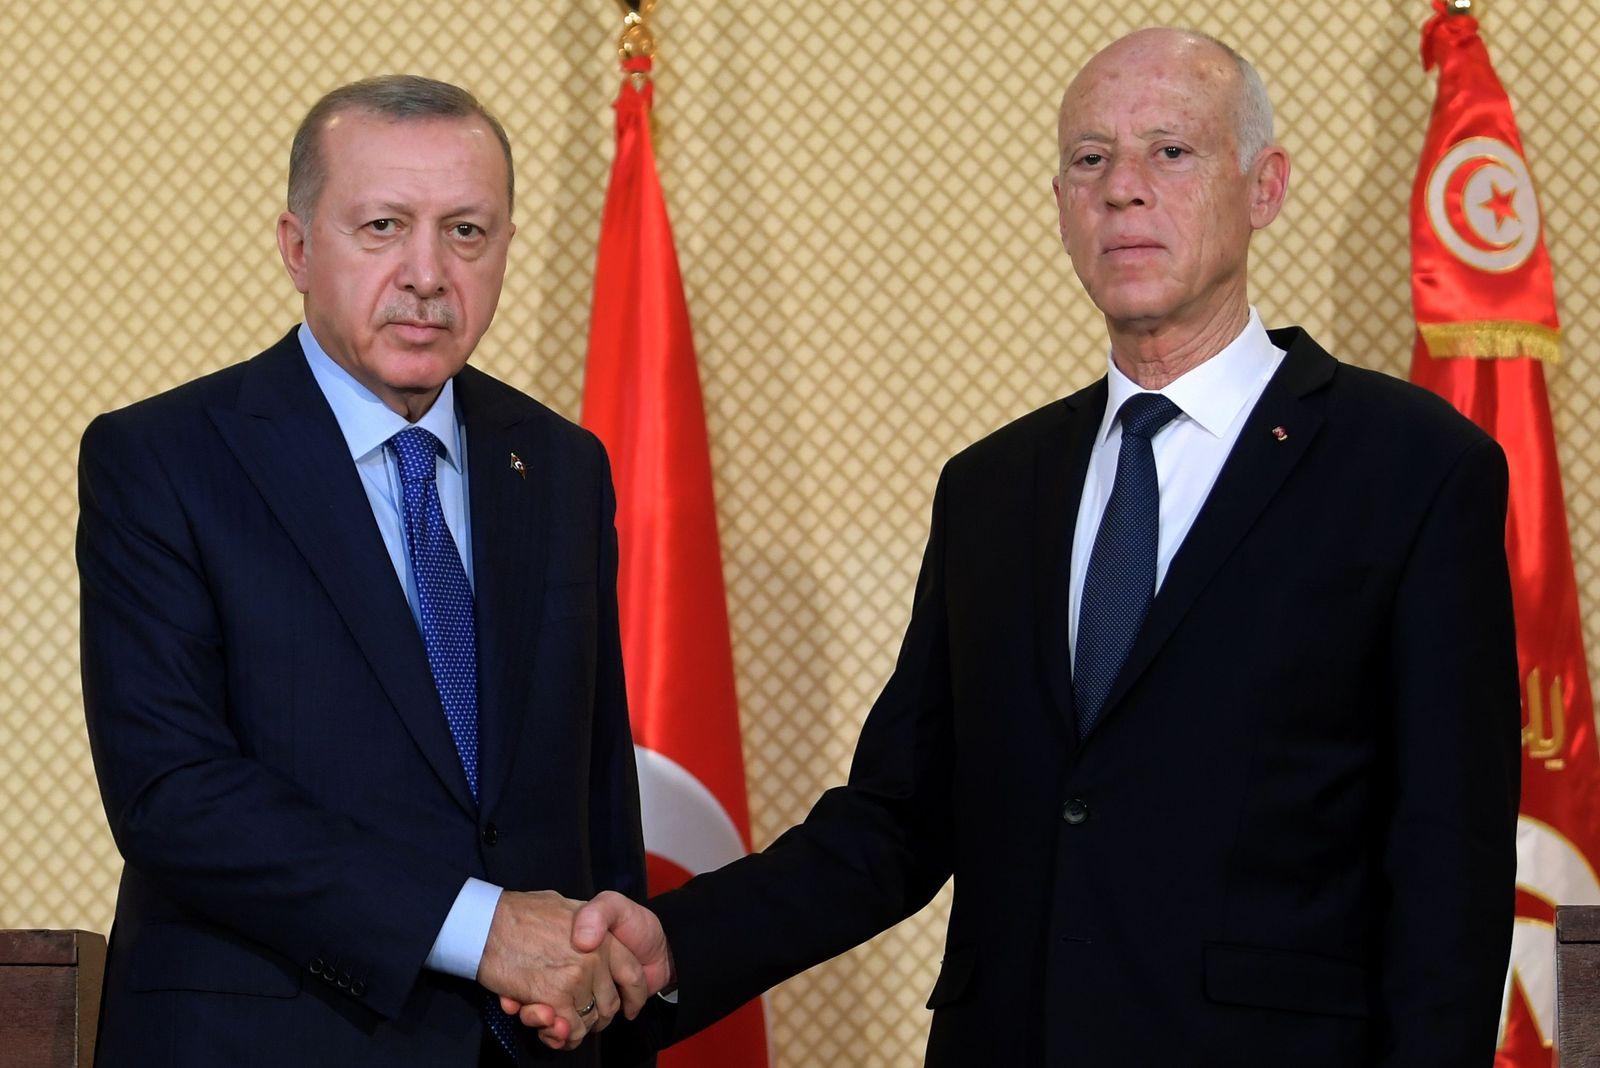 TUNISIA-TURKEY-POLITICS-DIPLOMACY